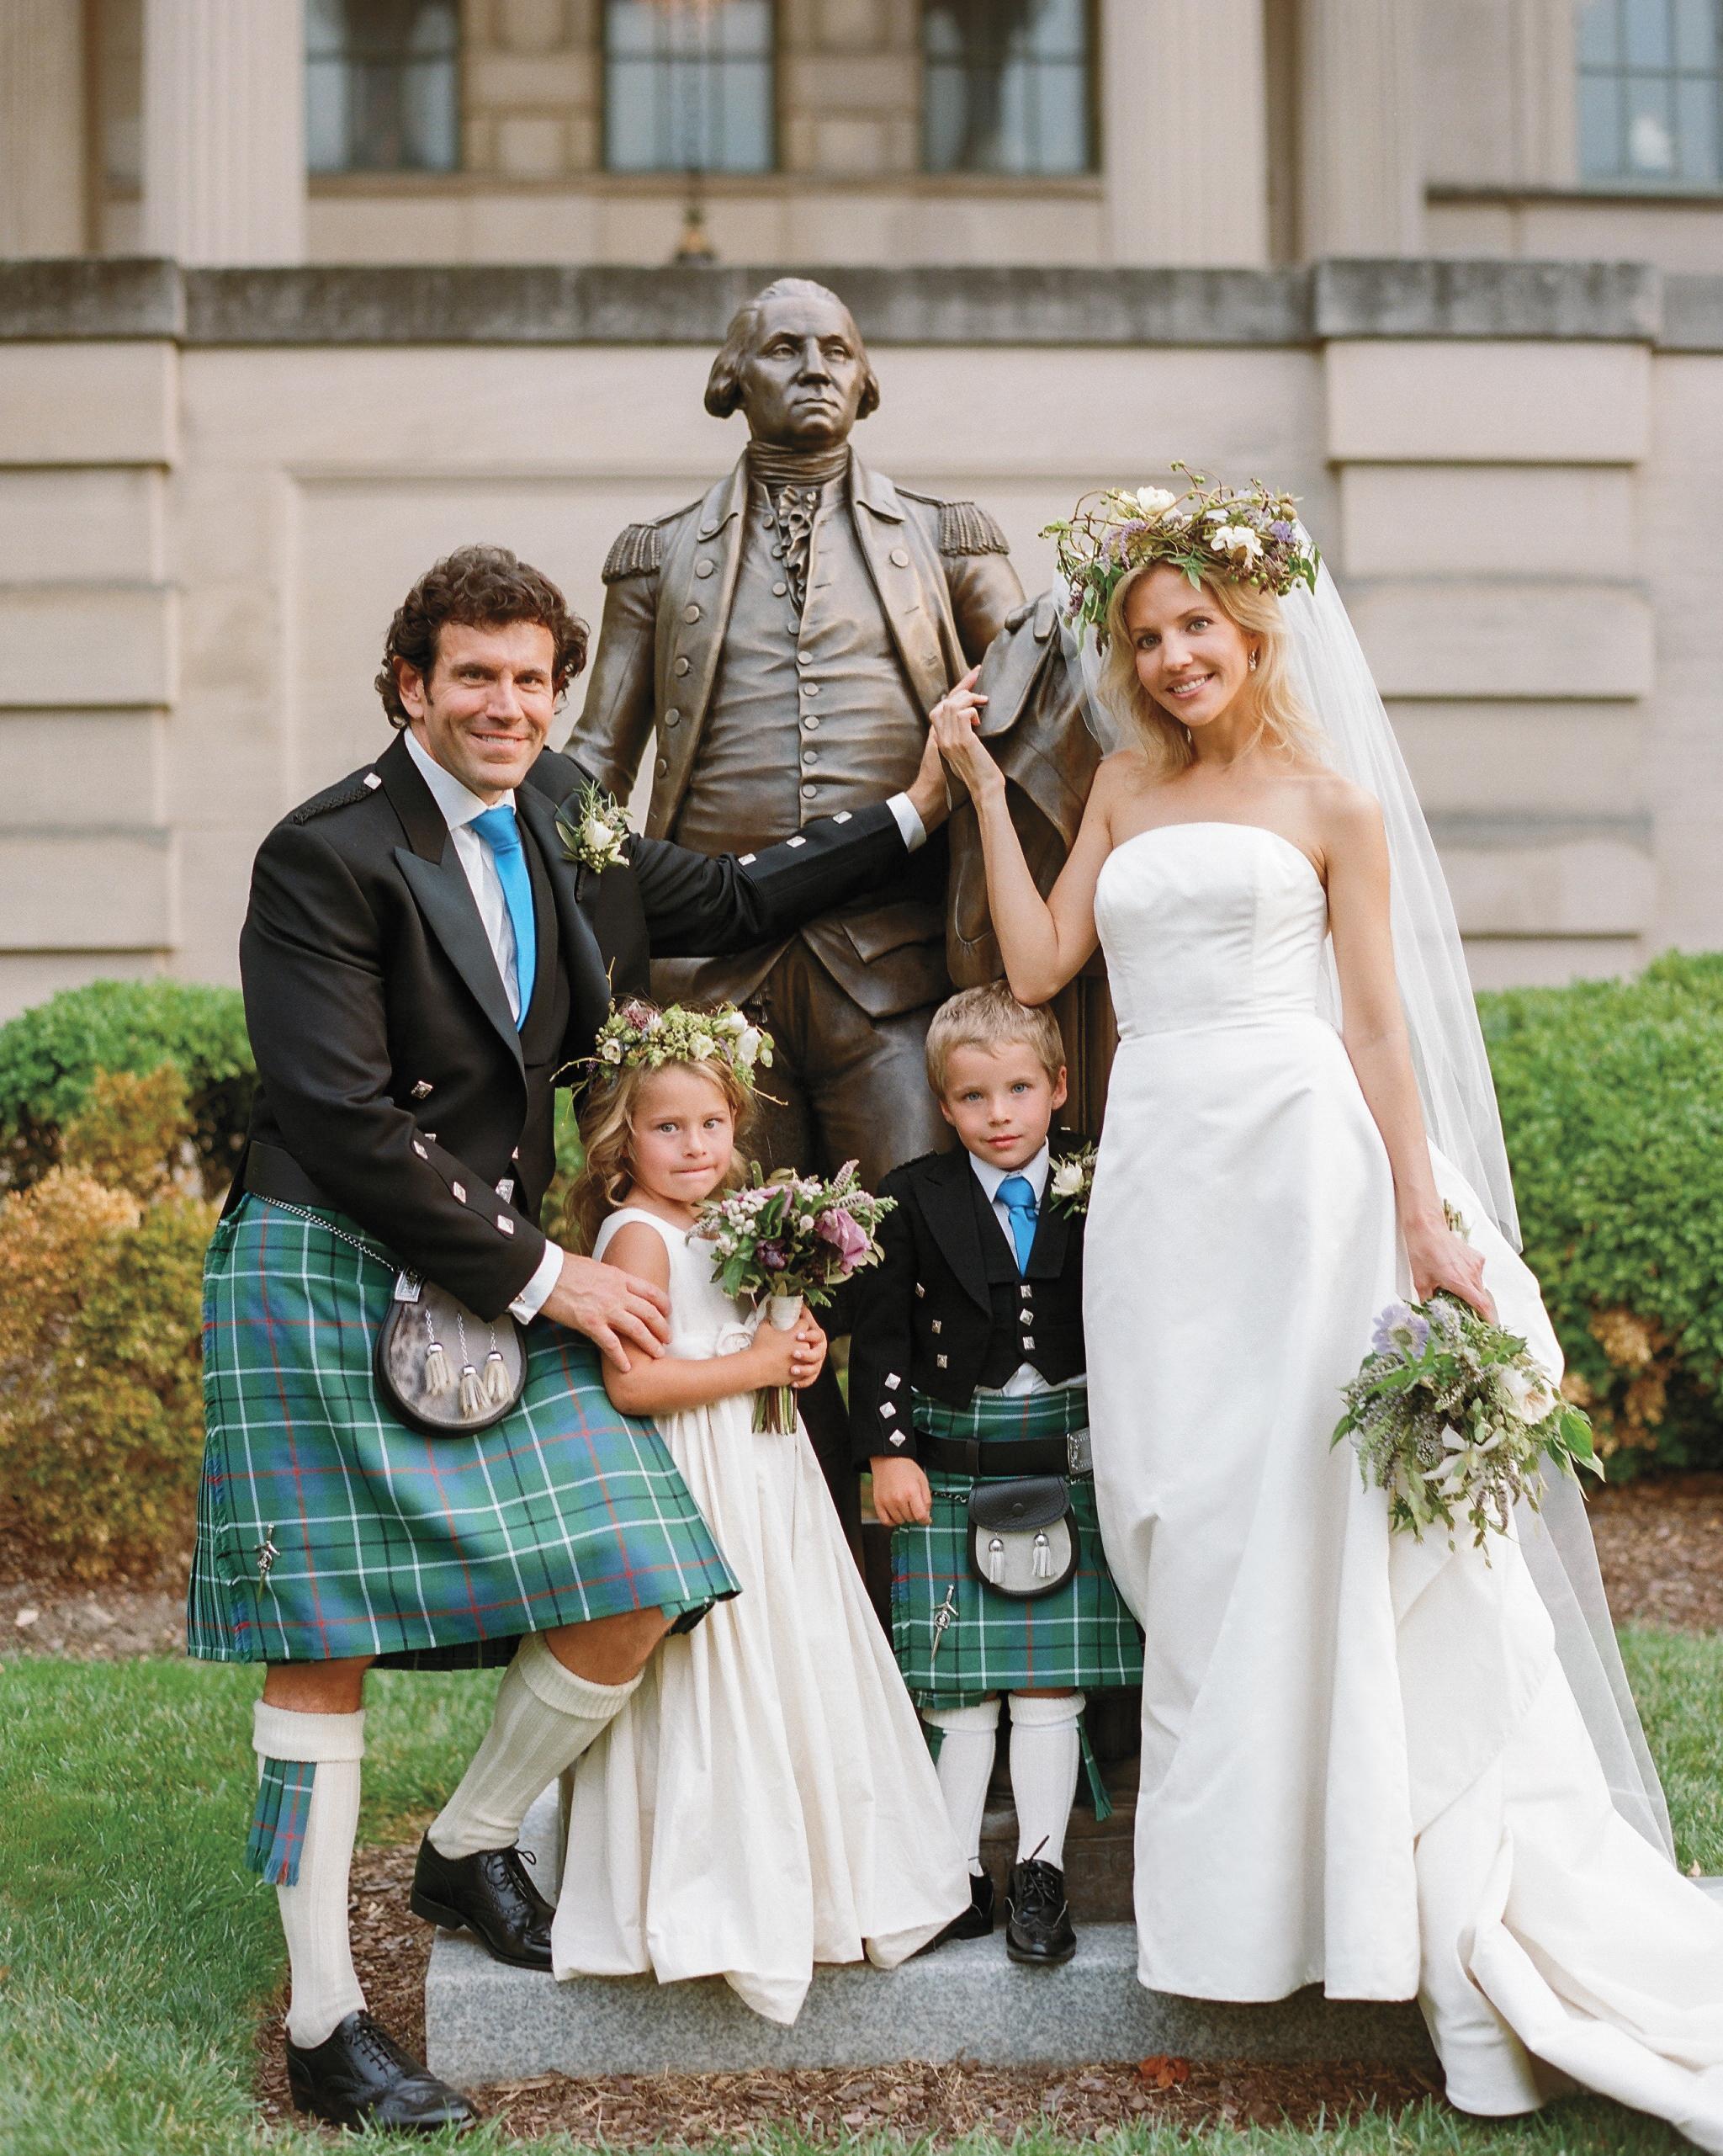 michelle-kimball-wedding-0058-s111580.jpg